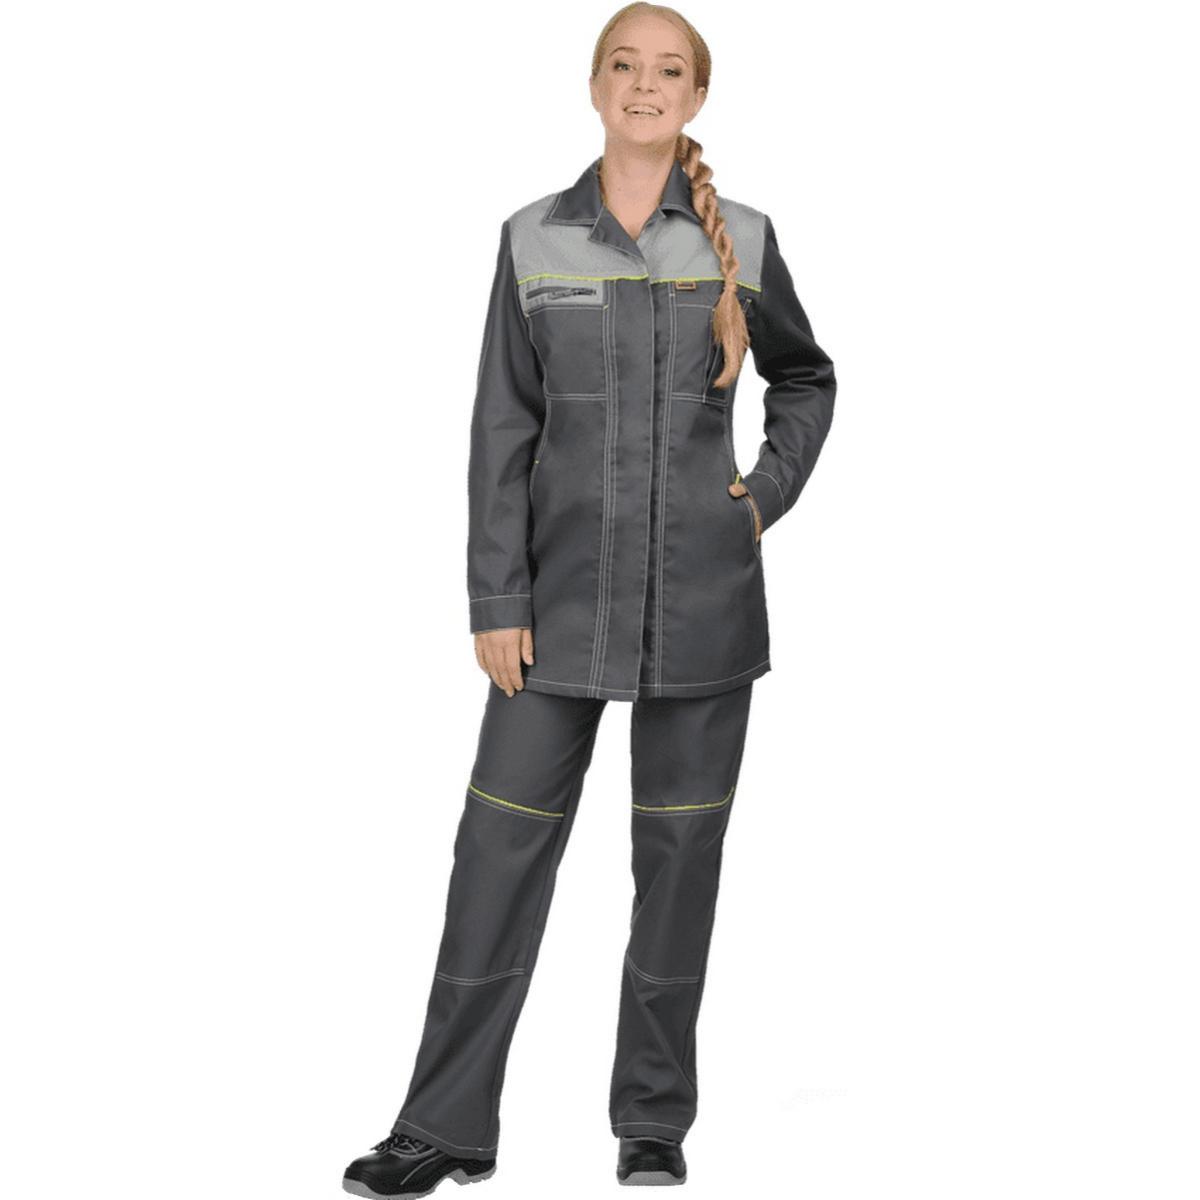 Куртка ТУРБО серая женская  (разм. 120-124 рост 170-176)